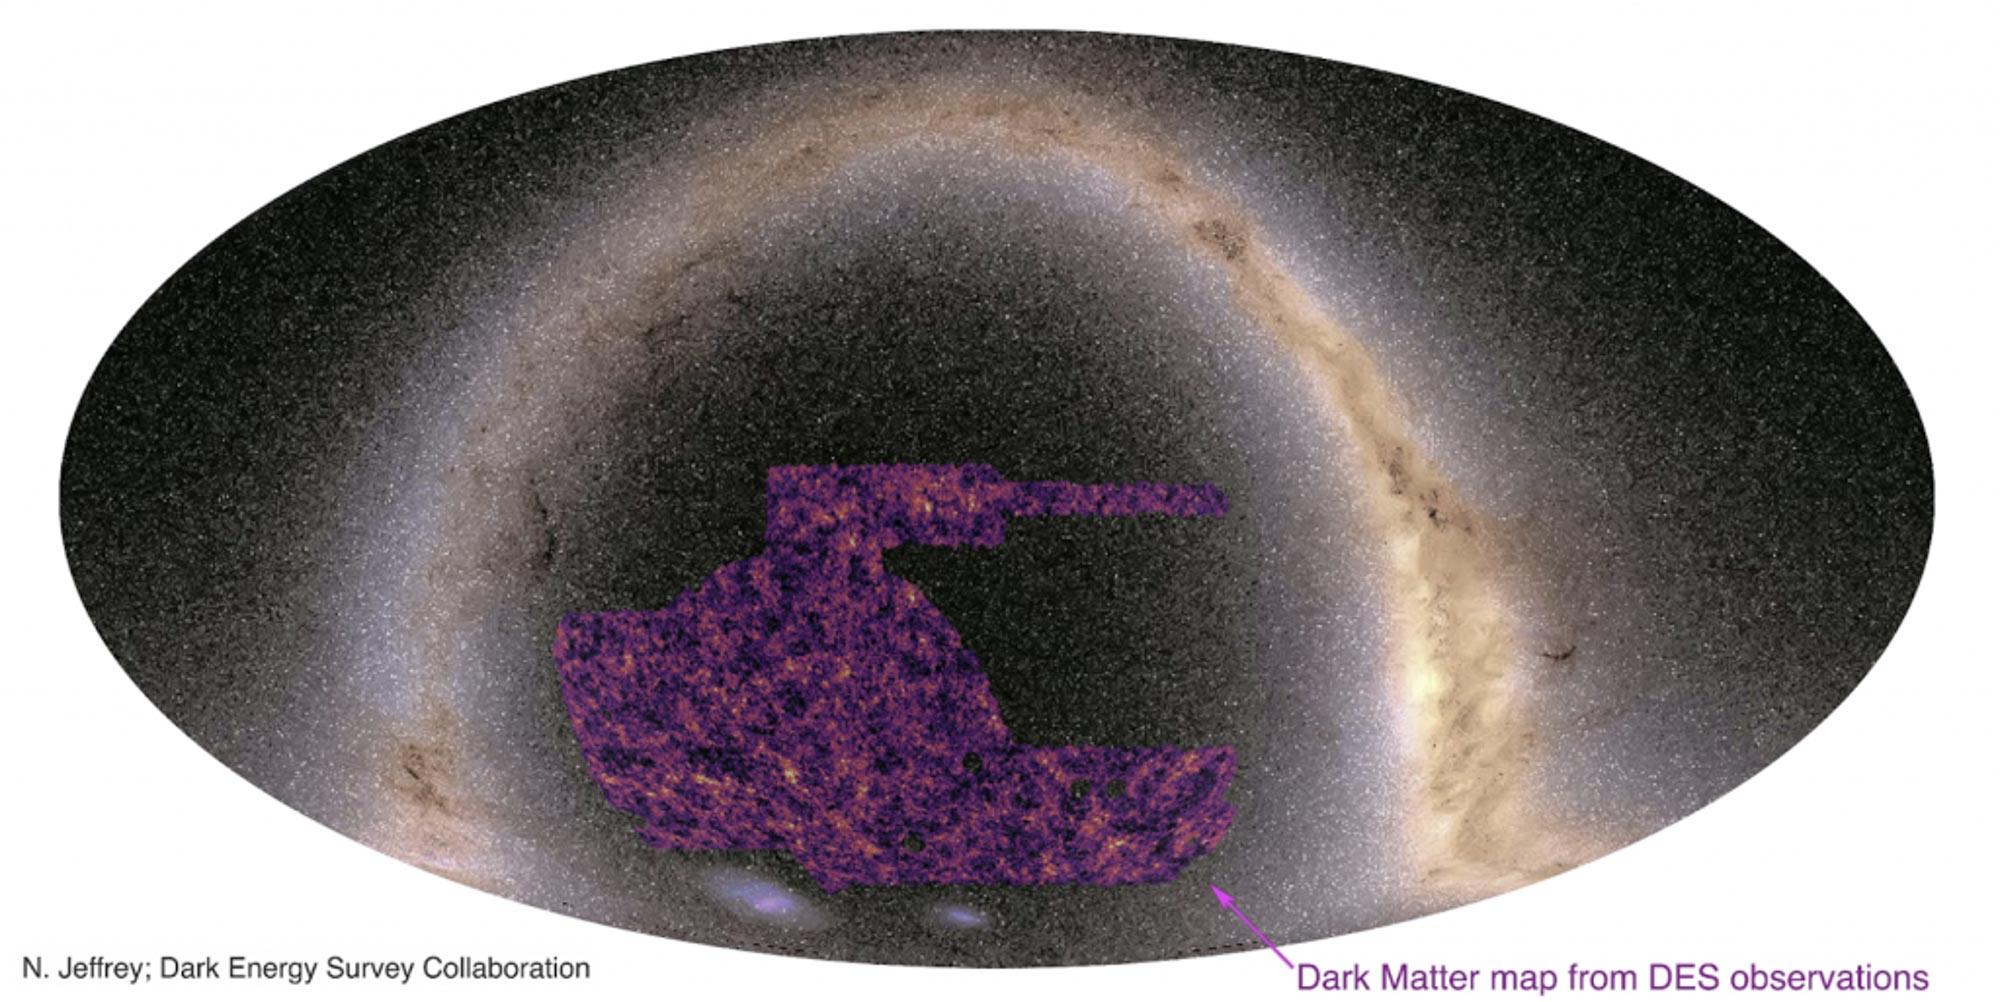 نقشه ماده تاریک